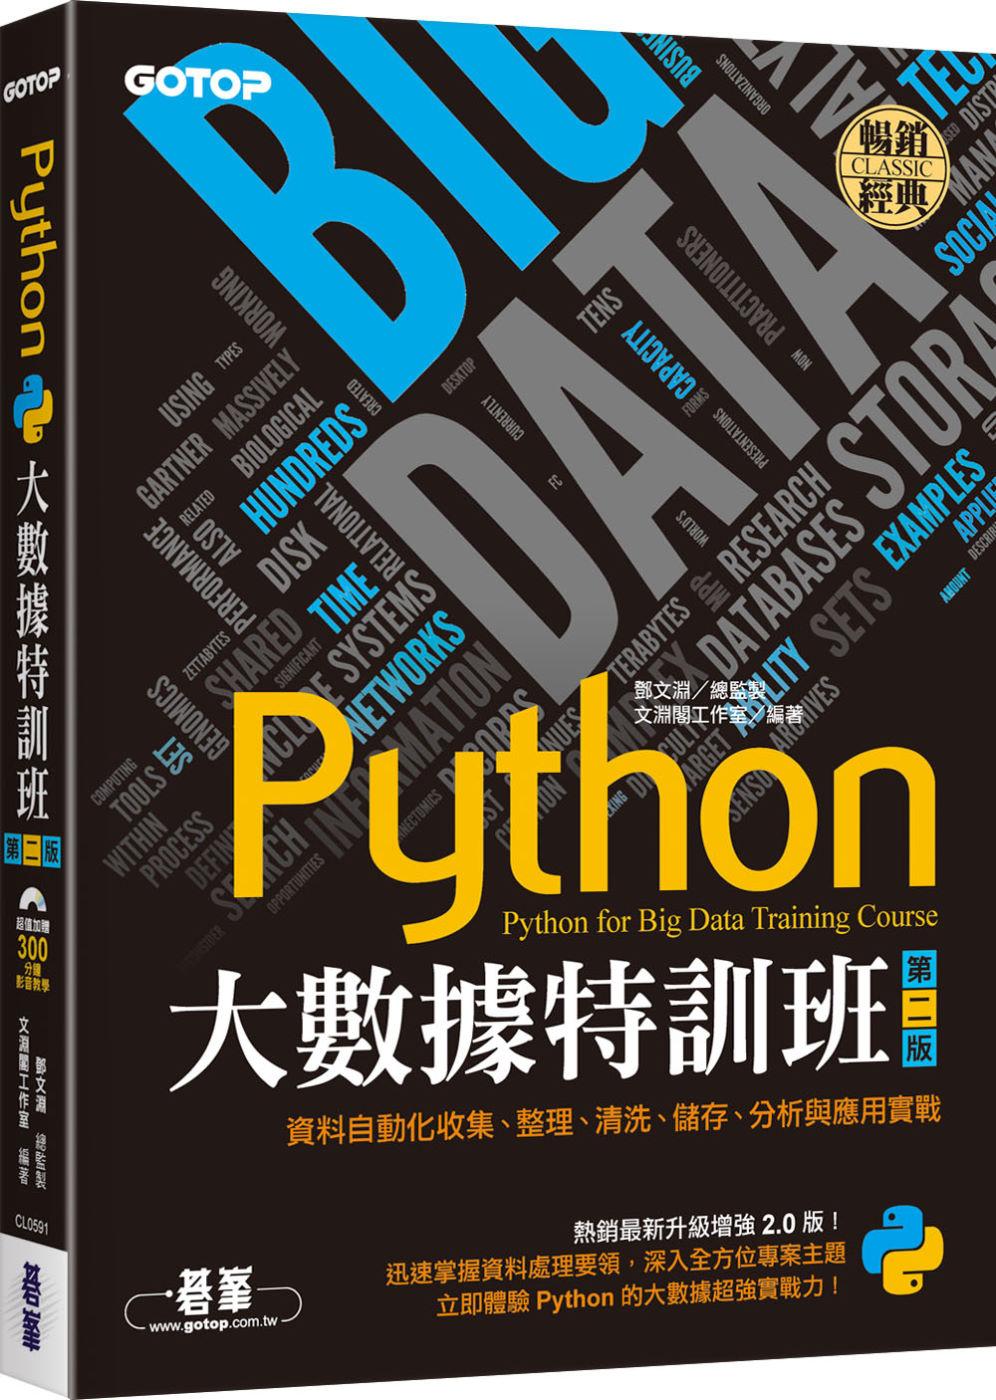 Python大數據特訓班(第二版):資料自動化收集、整理、清洗、儲存、分析與應用實戰(附300分鐘影音教學/範例程式)